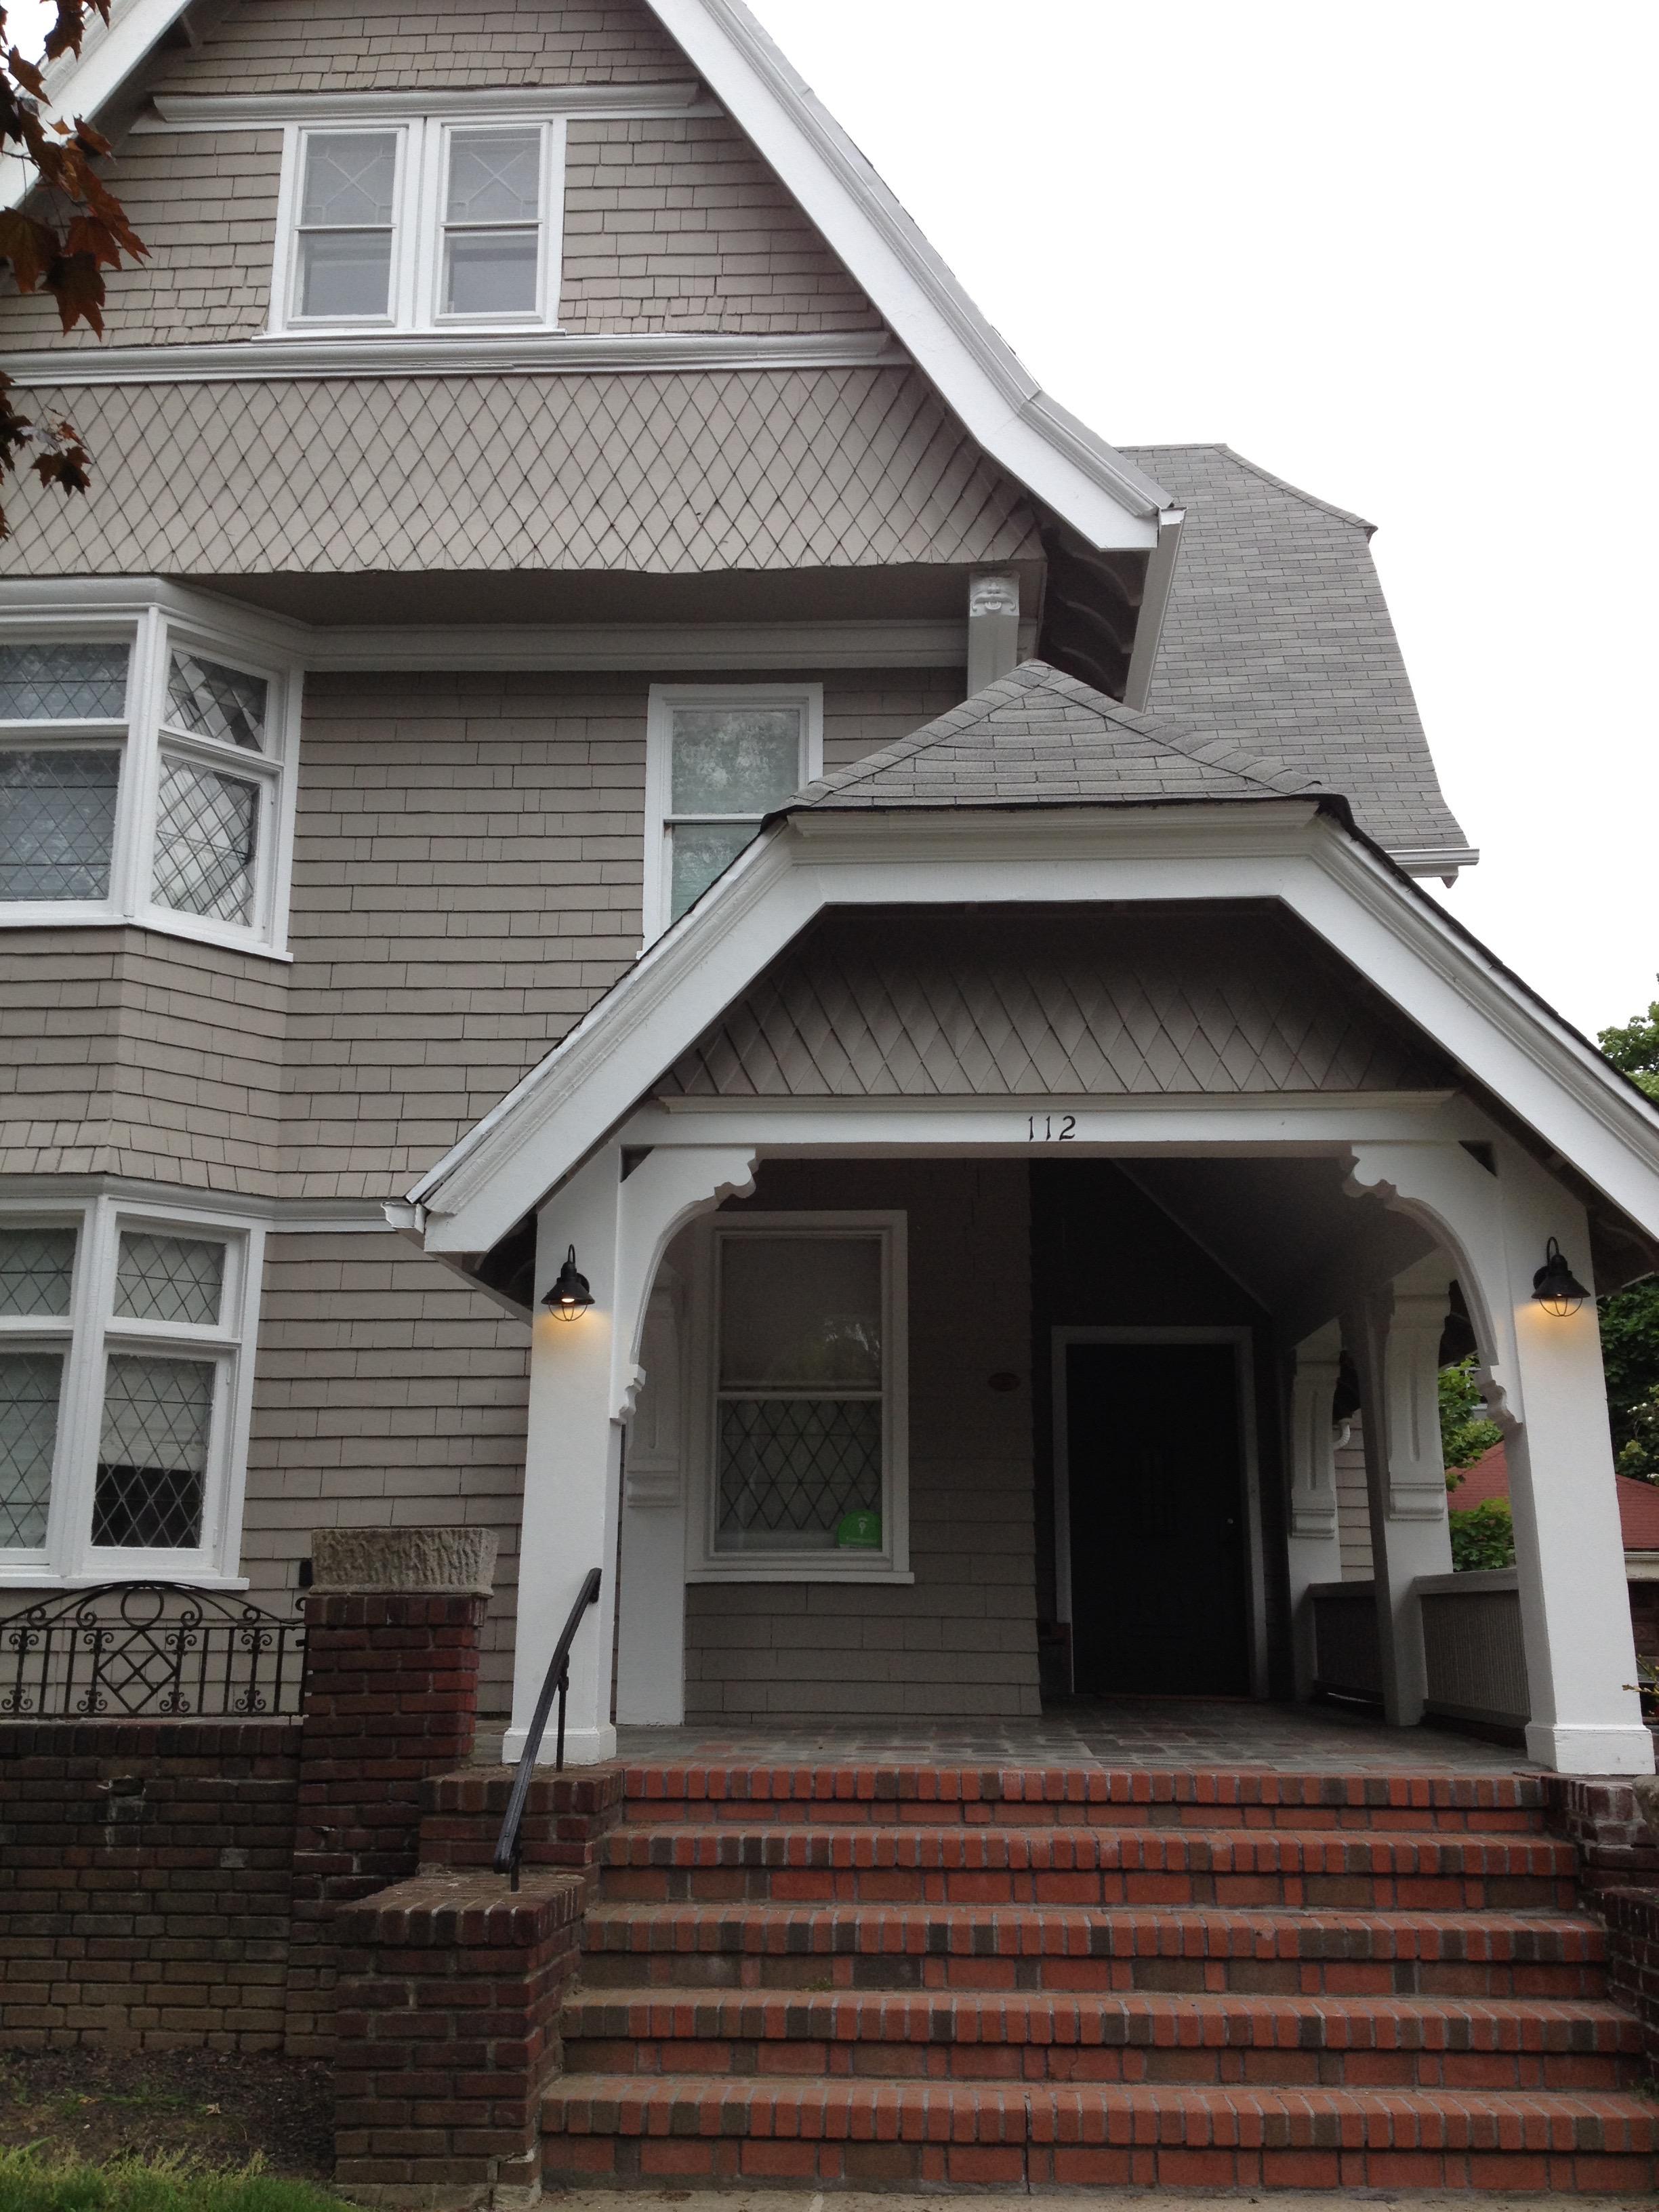 Morris Miller home at 112 Marlborough Road, Flatbush, photo taken in 2016